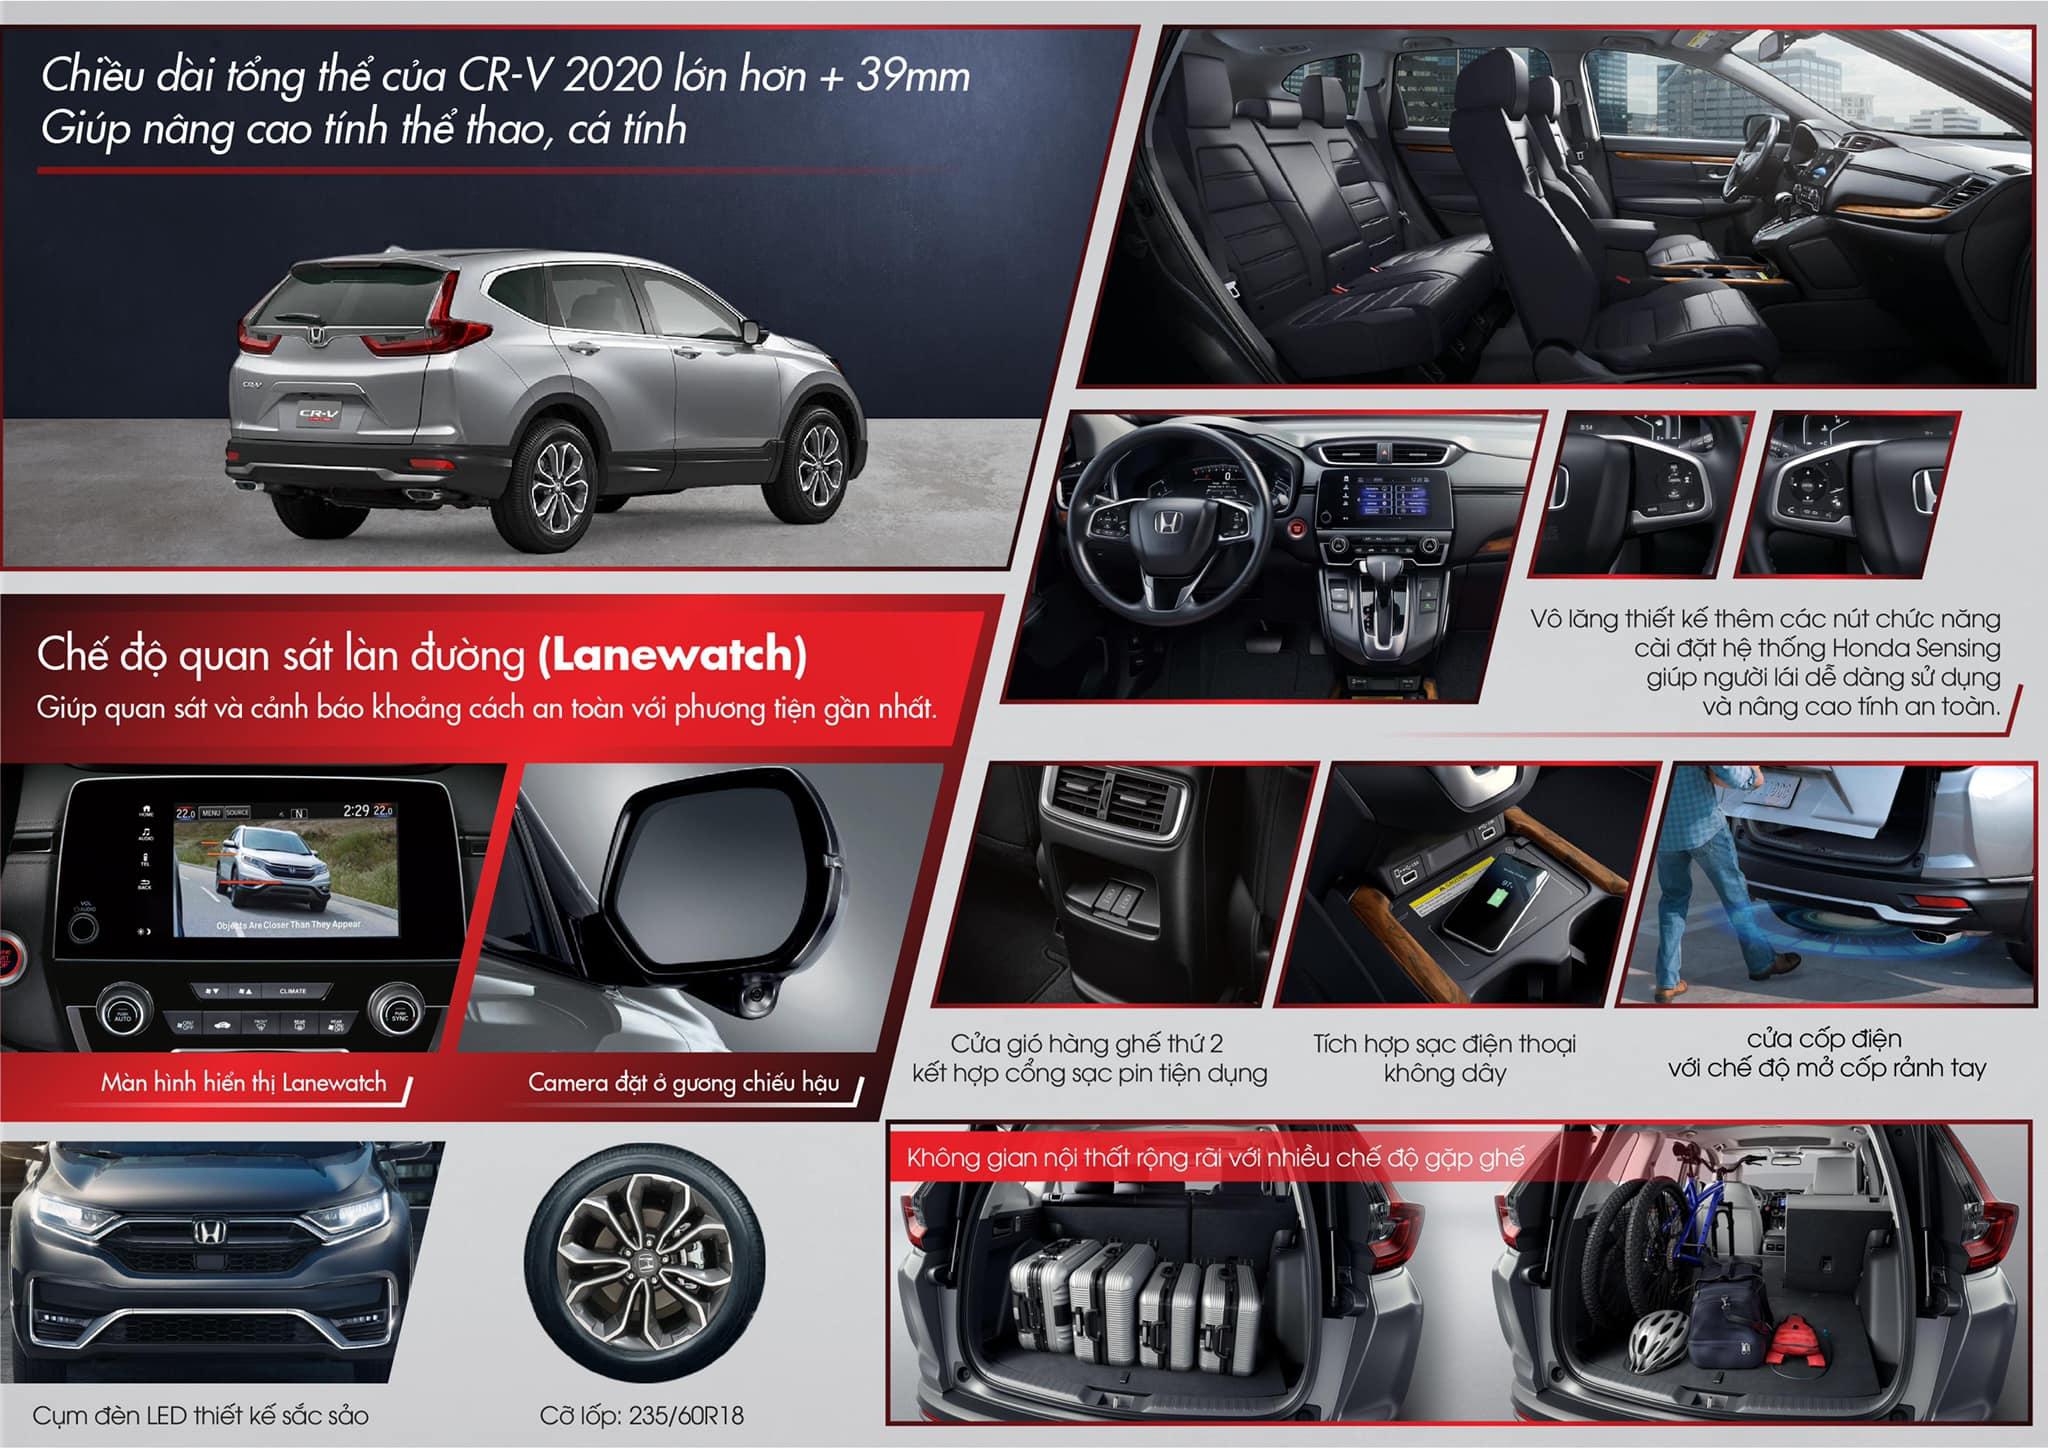 Honda CR-V 2020 lộ thông số kỹ thuật trước ngày ra mắt Việt Nam - 3